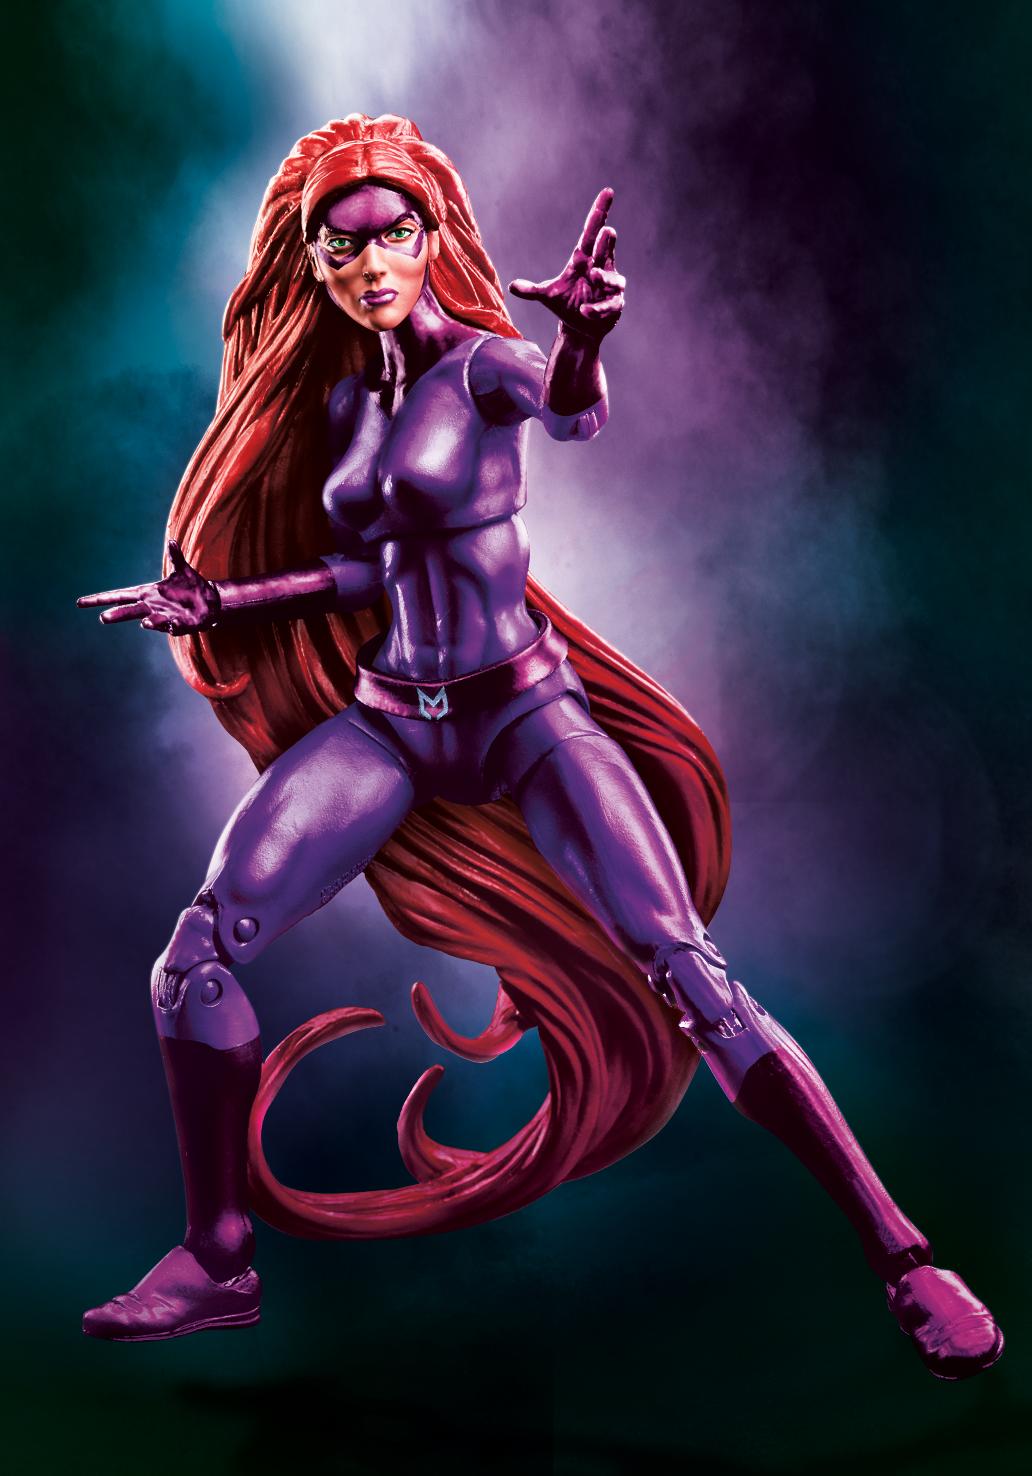 Hasbro Marvel Legends 6″ Walgreens Exclusive Medusa Figure Now $12.99 Online Only